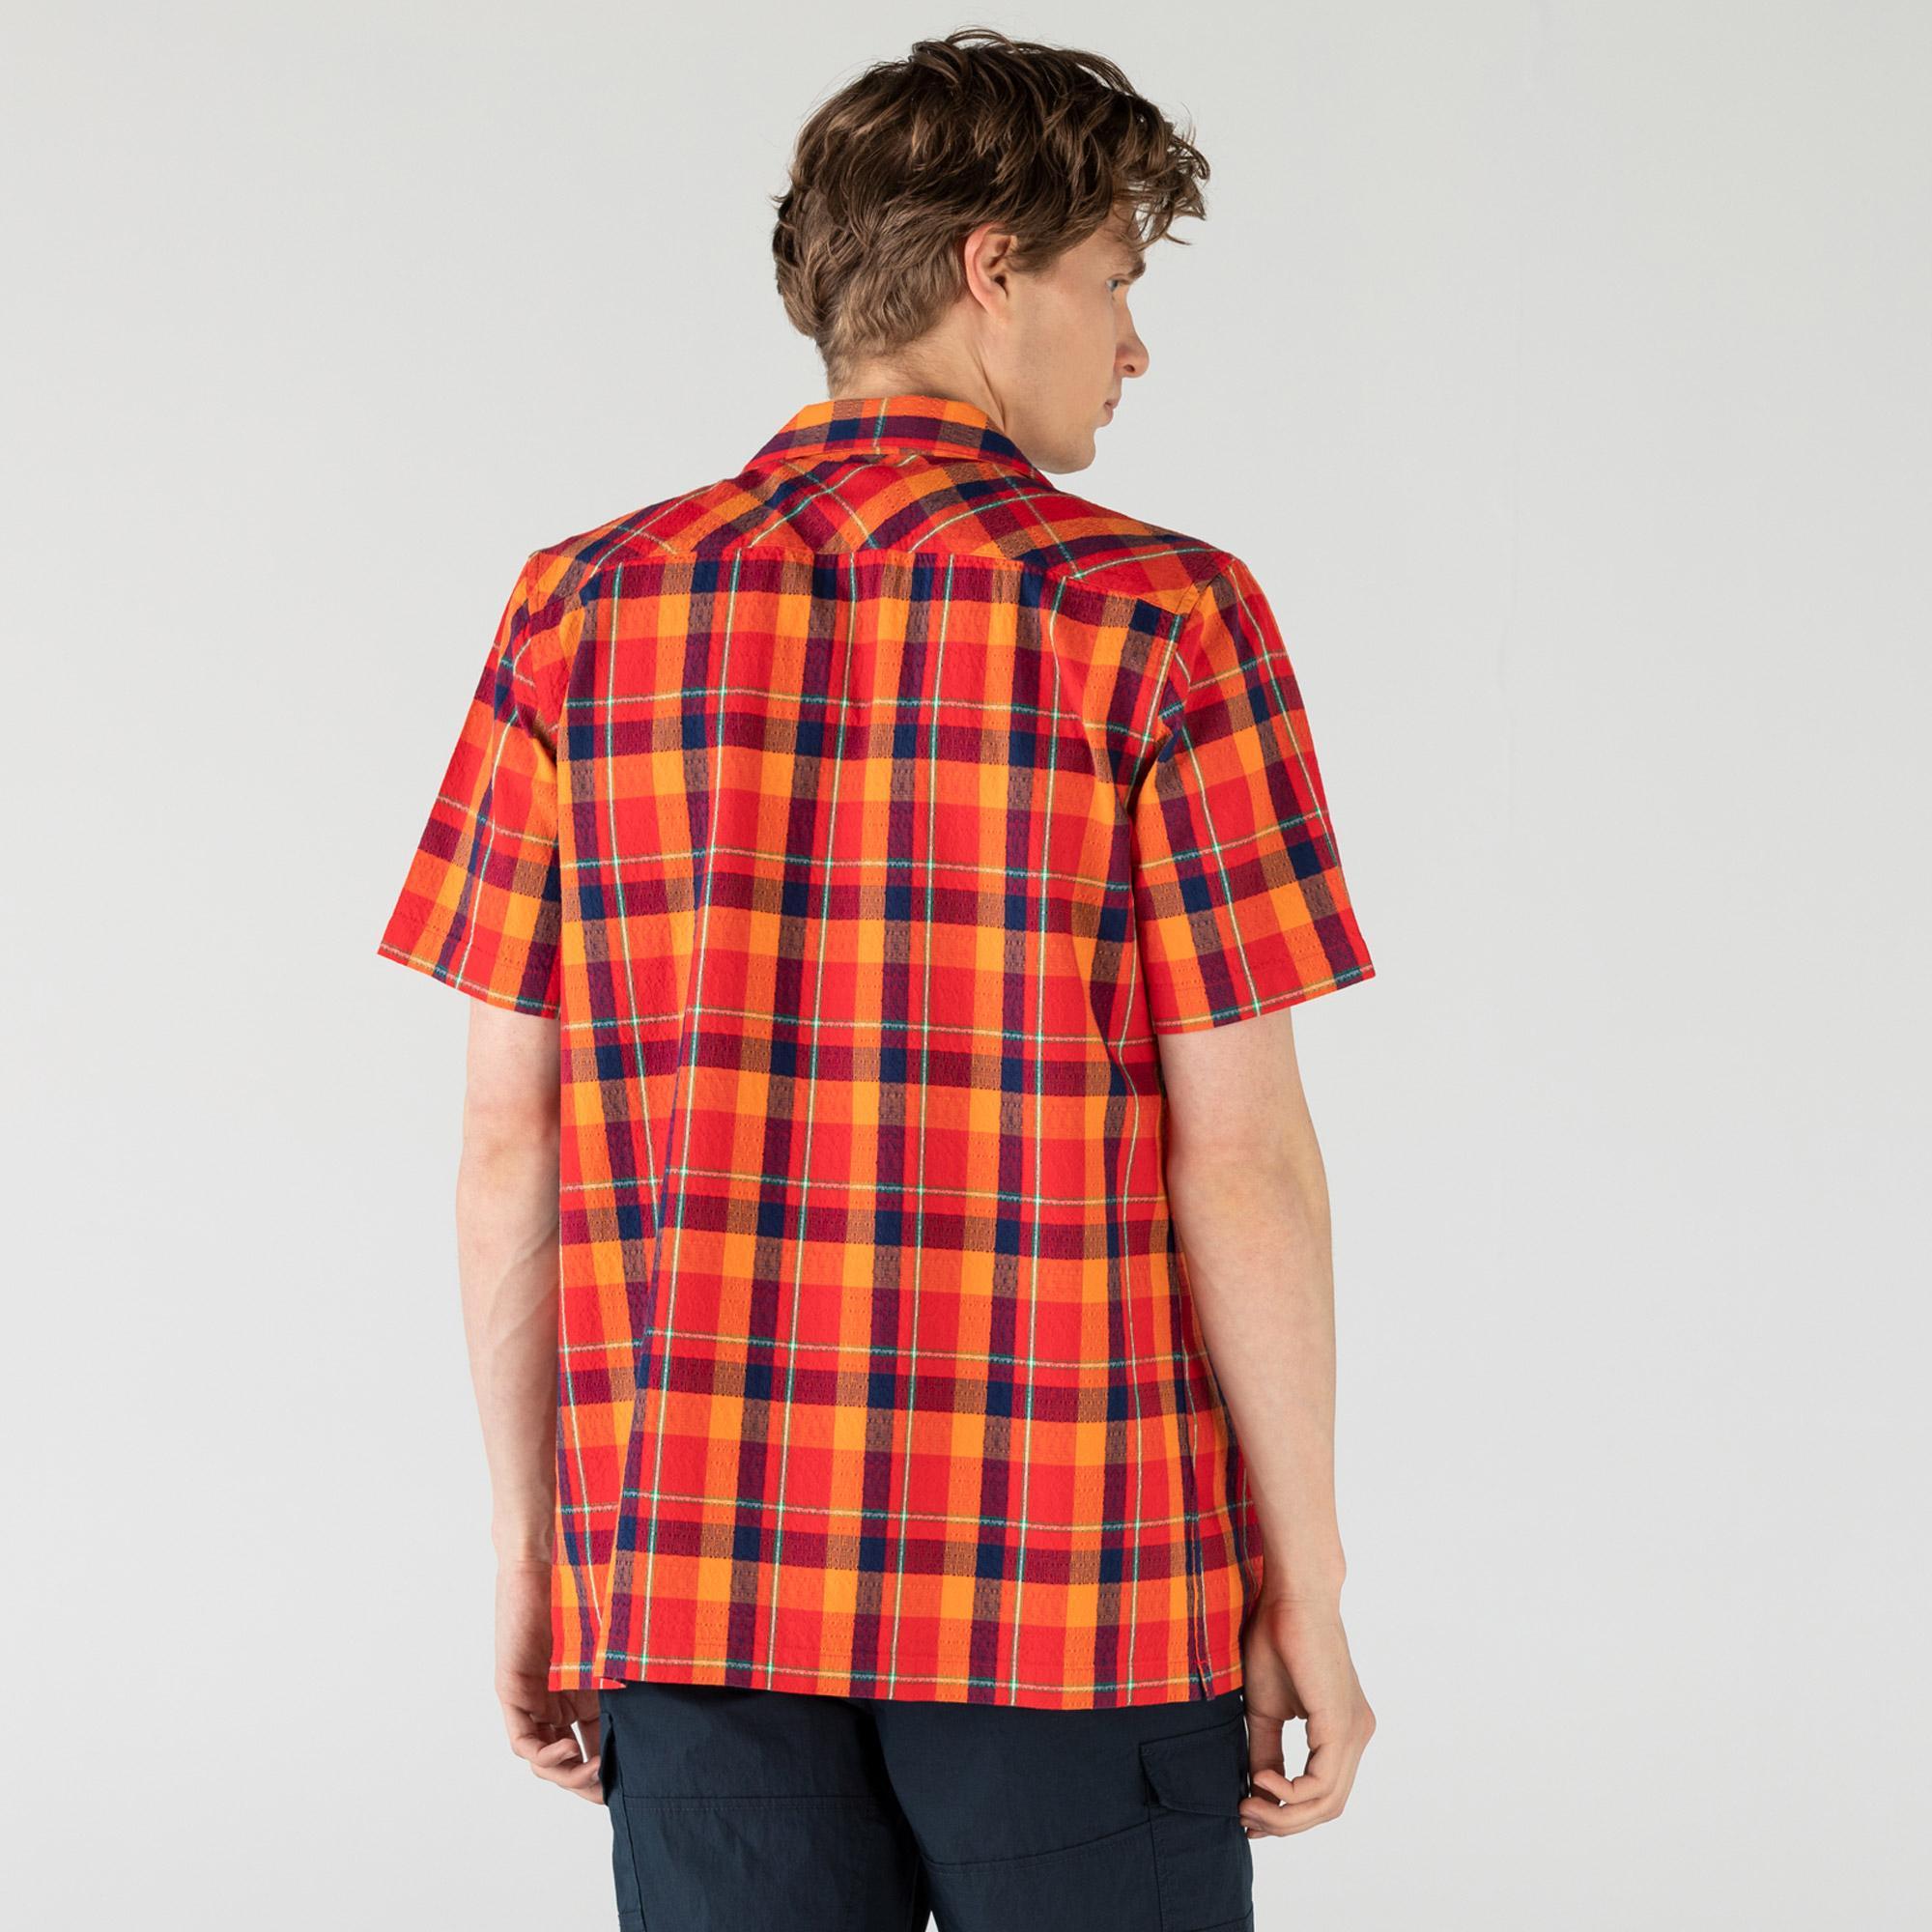 Lacoste Erkek Kısa Kollu Ekose Desenli Renkli Gömlek